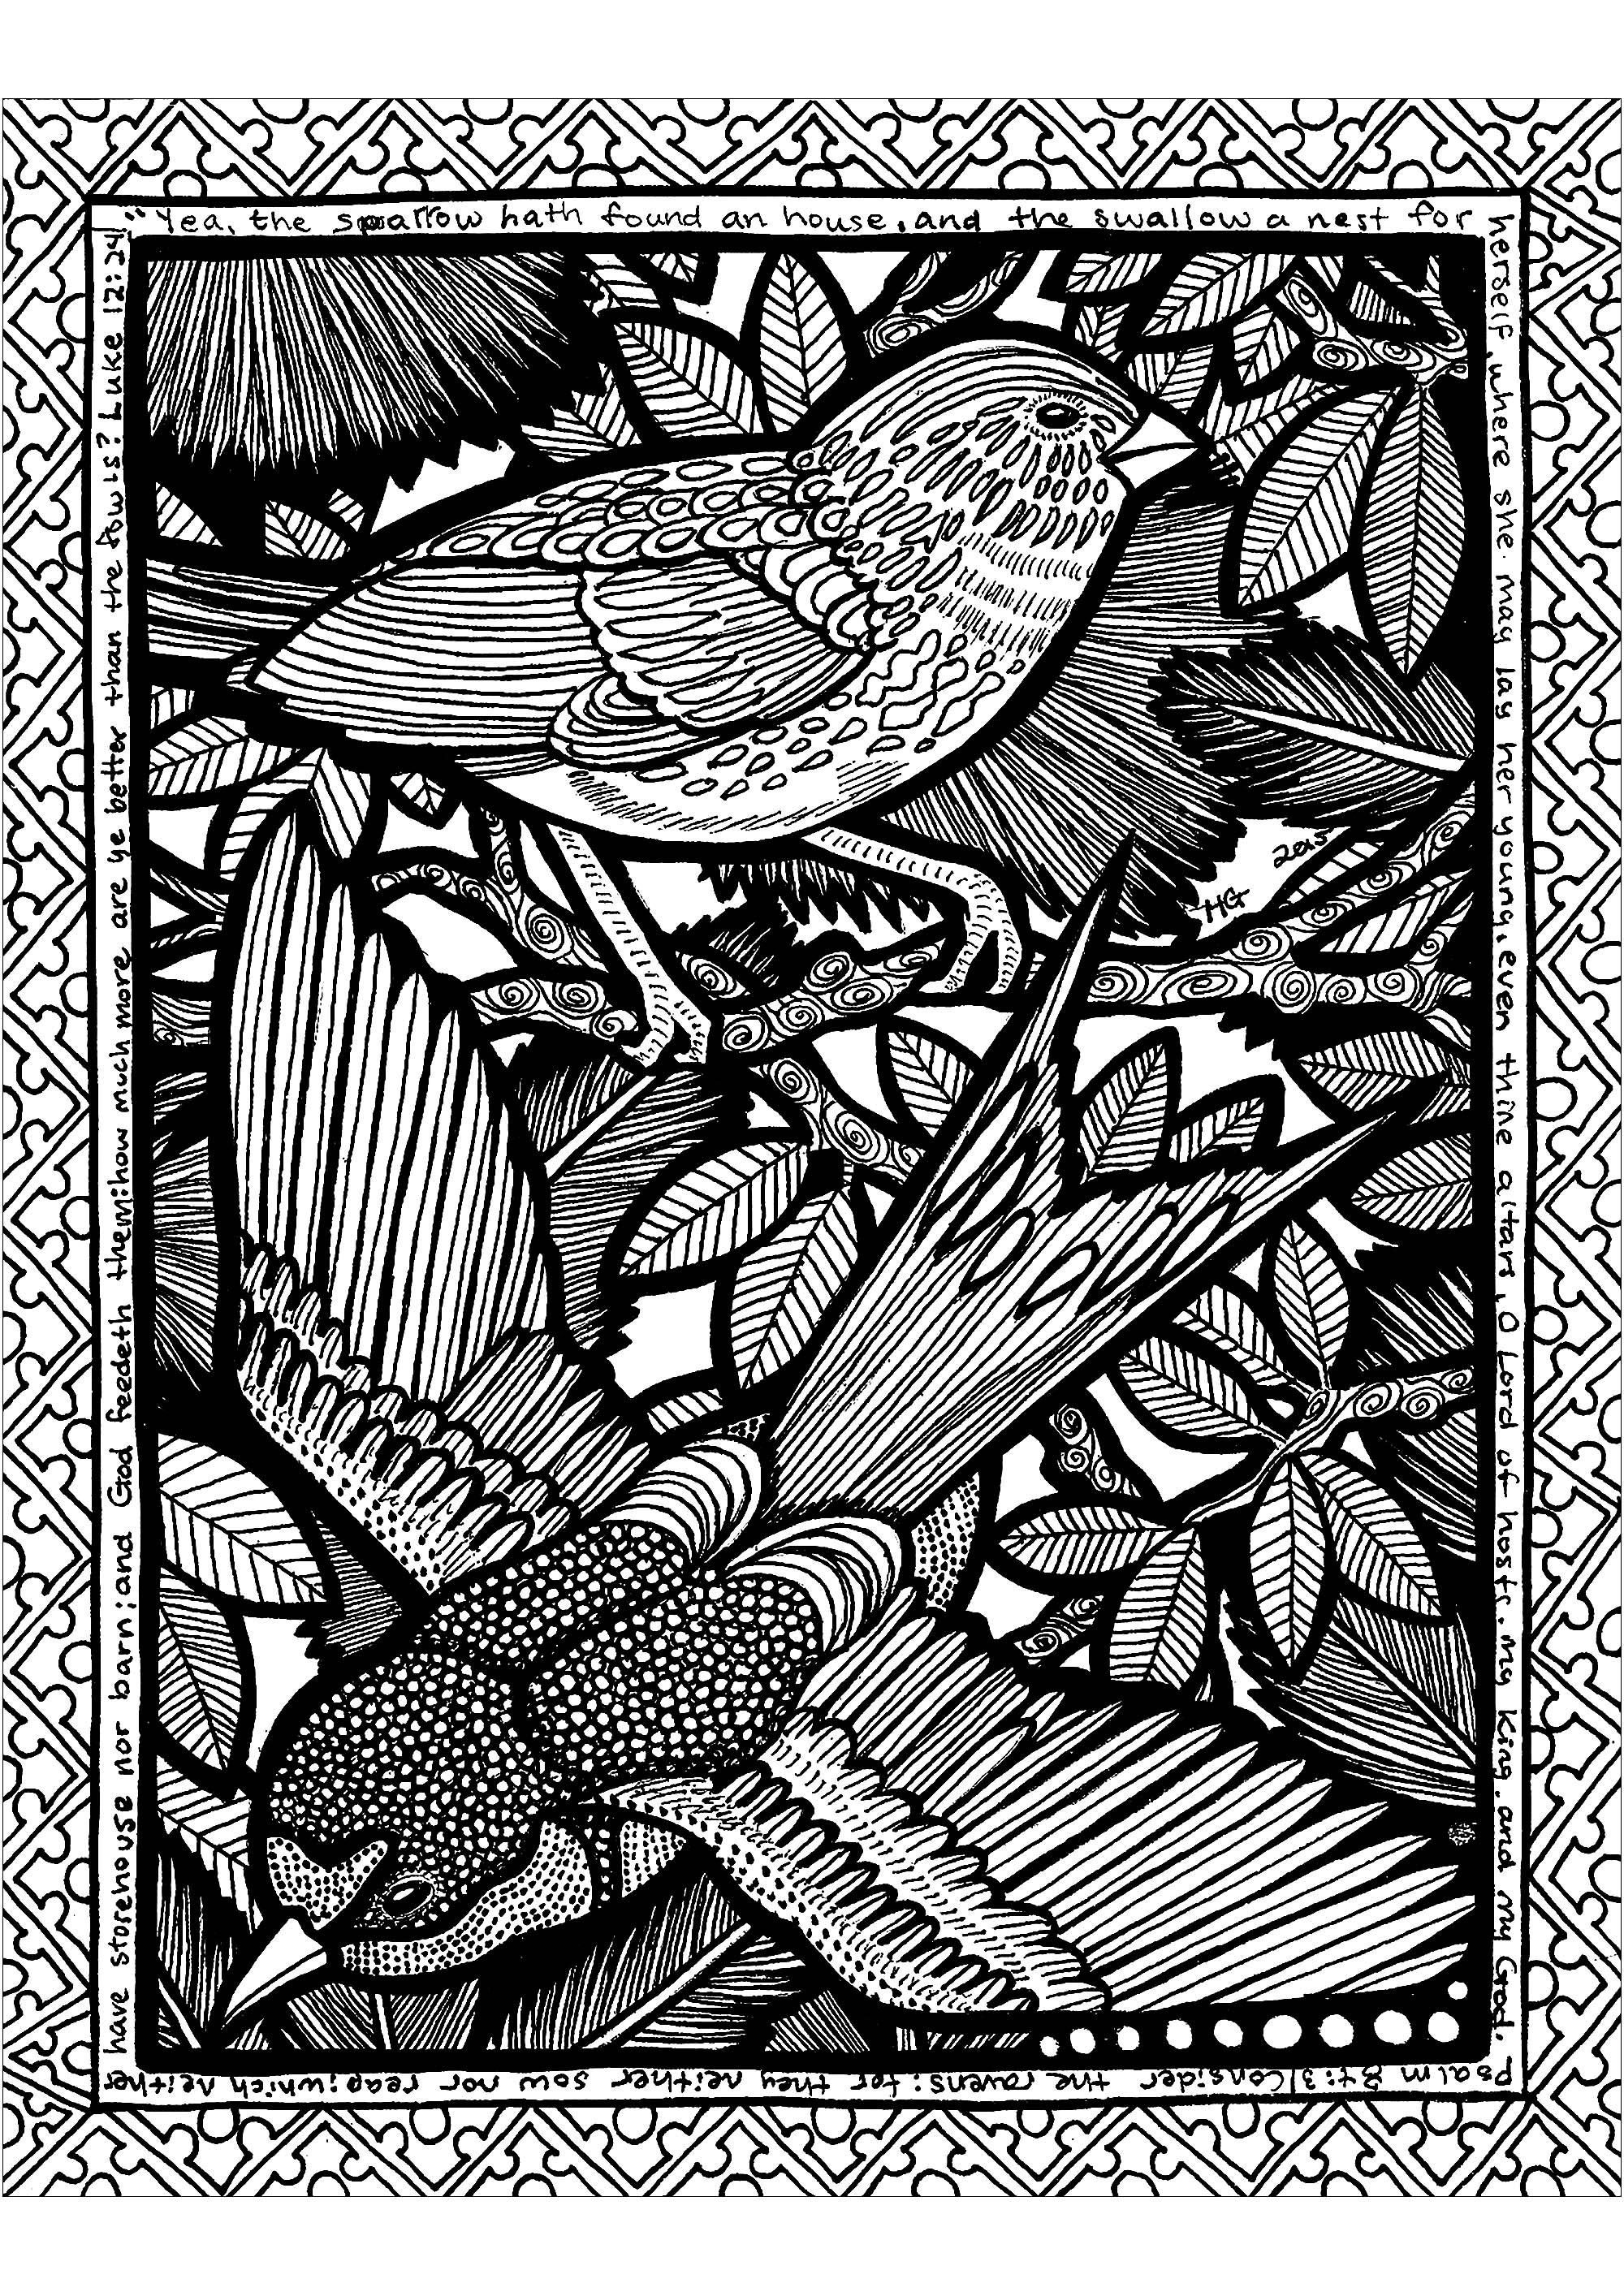 Volez au milieu d'un monde Zentangle avec ces beaux oiseaux!